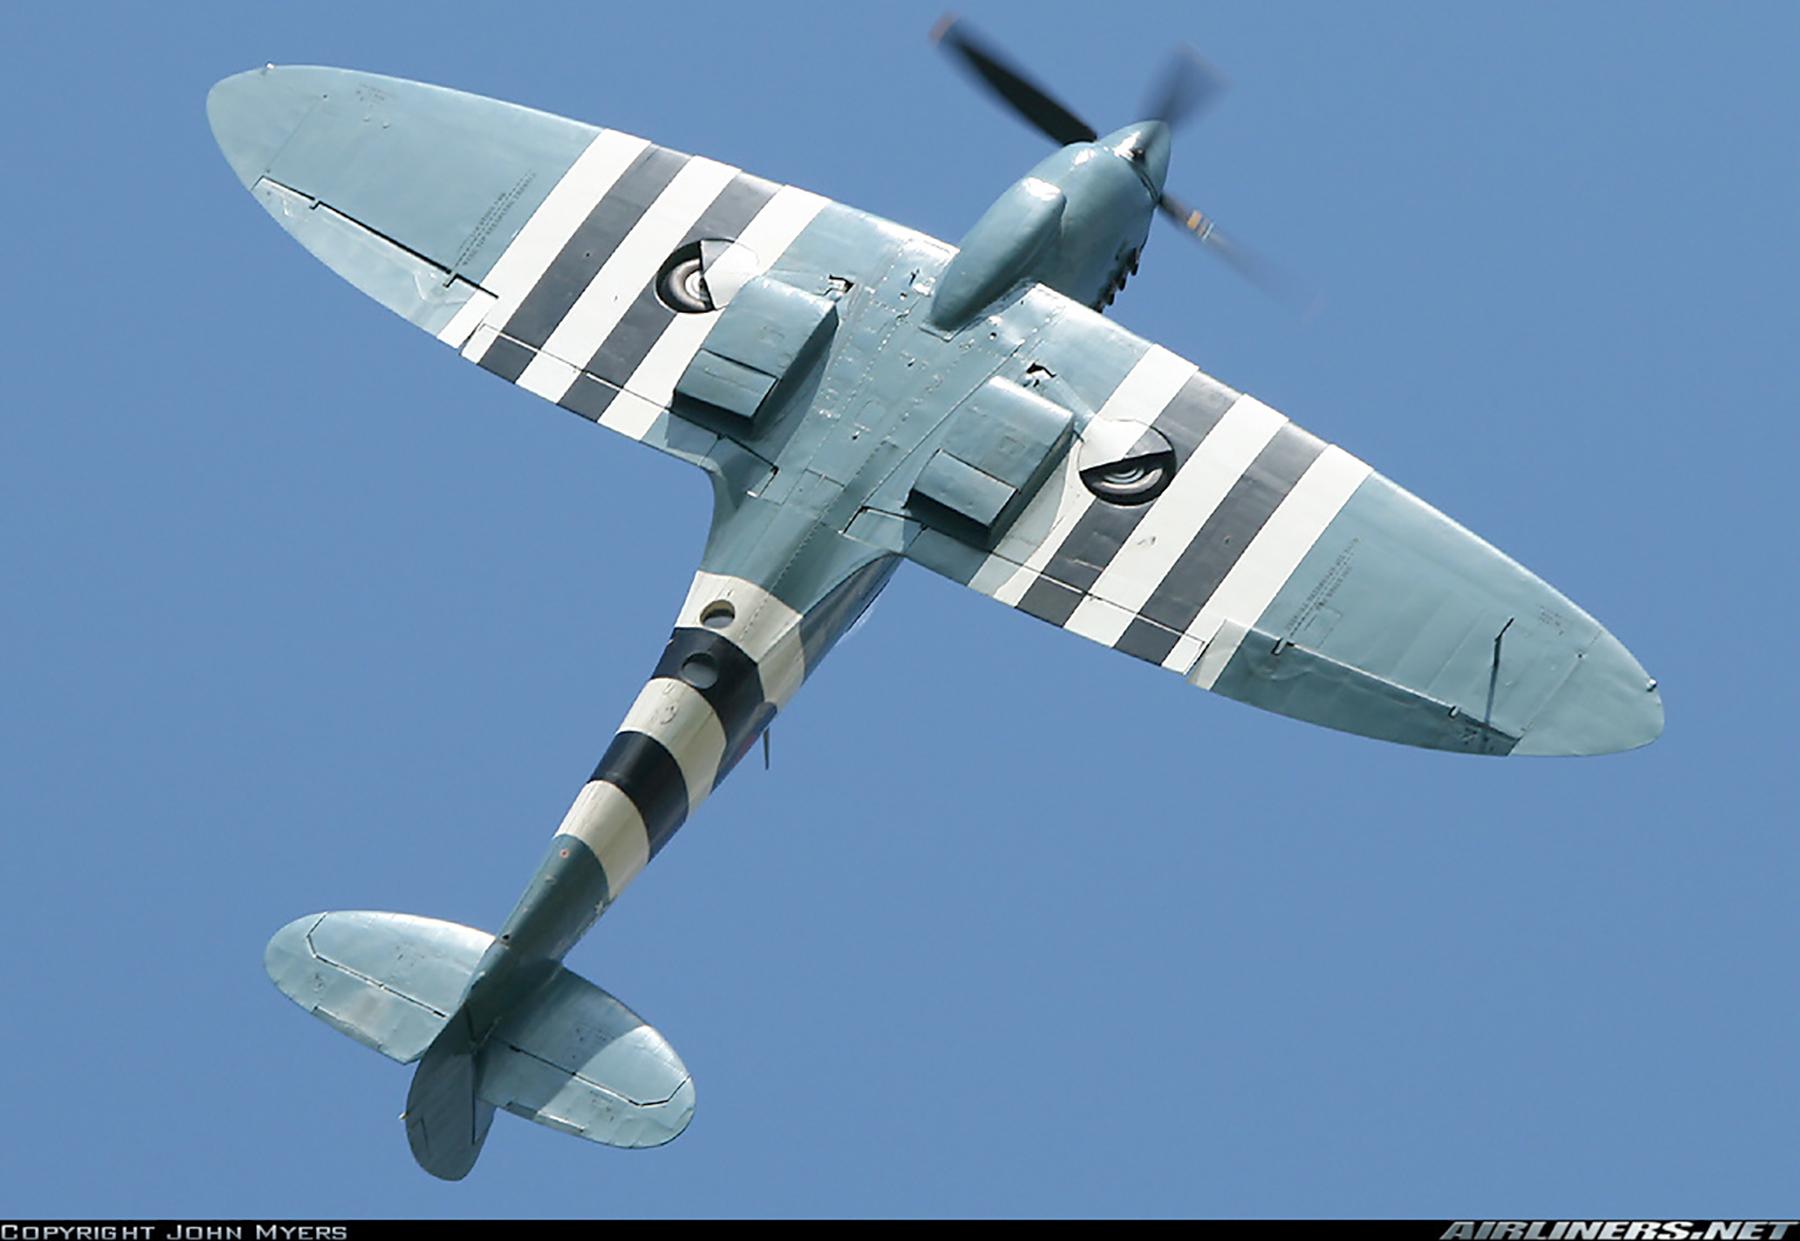 Airworthy Spitfire warbird PRXI RAF 16Sqn R PL965 22